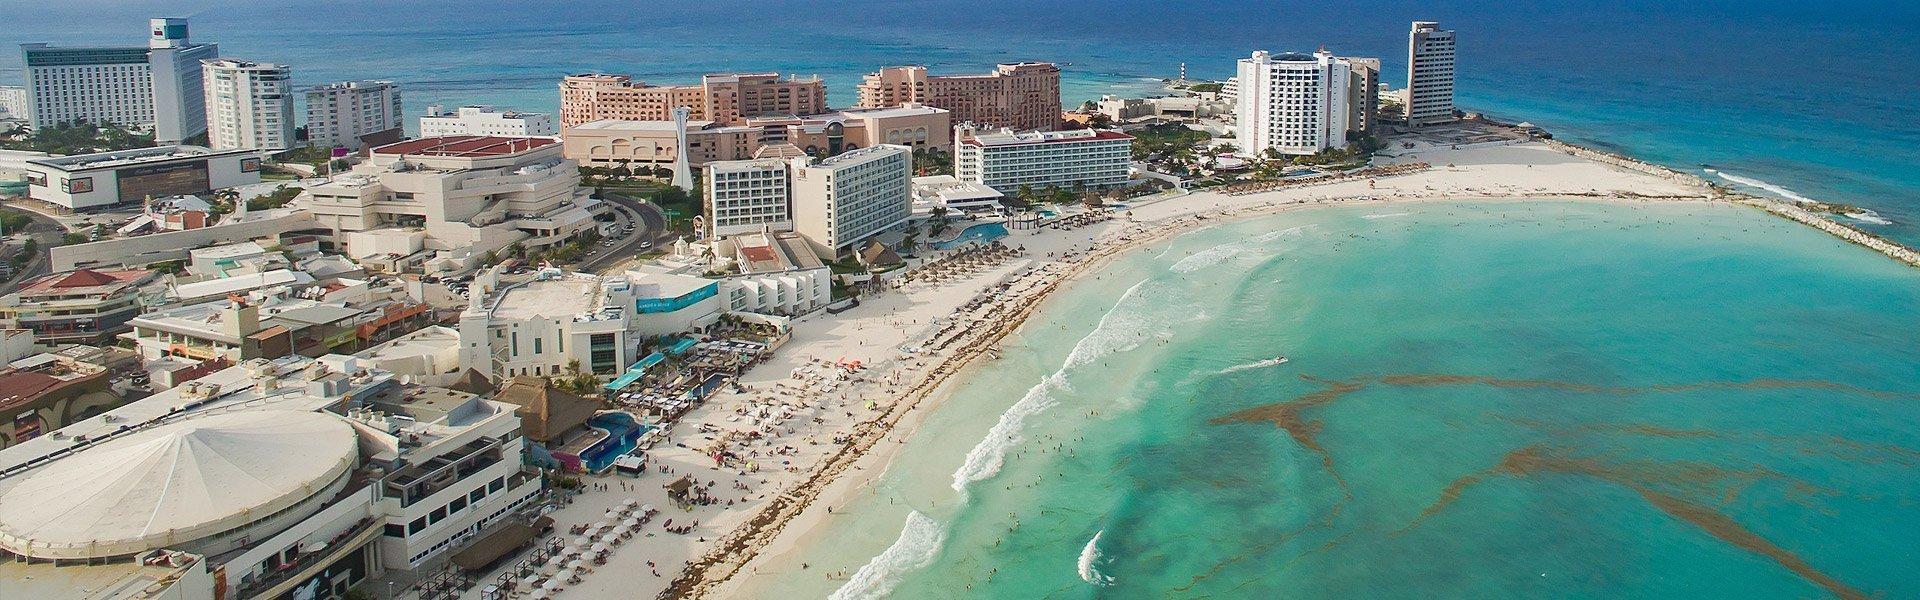 Viagens para Cancun